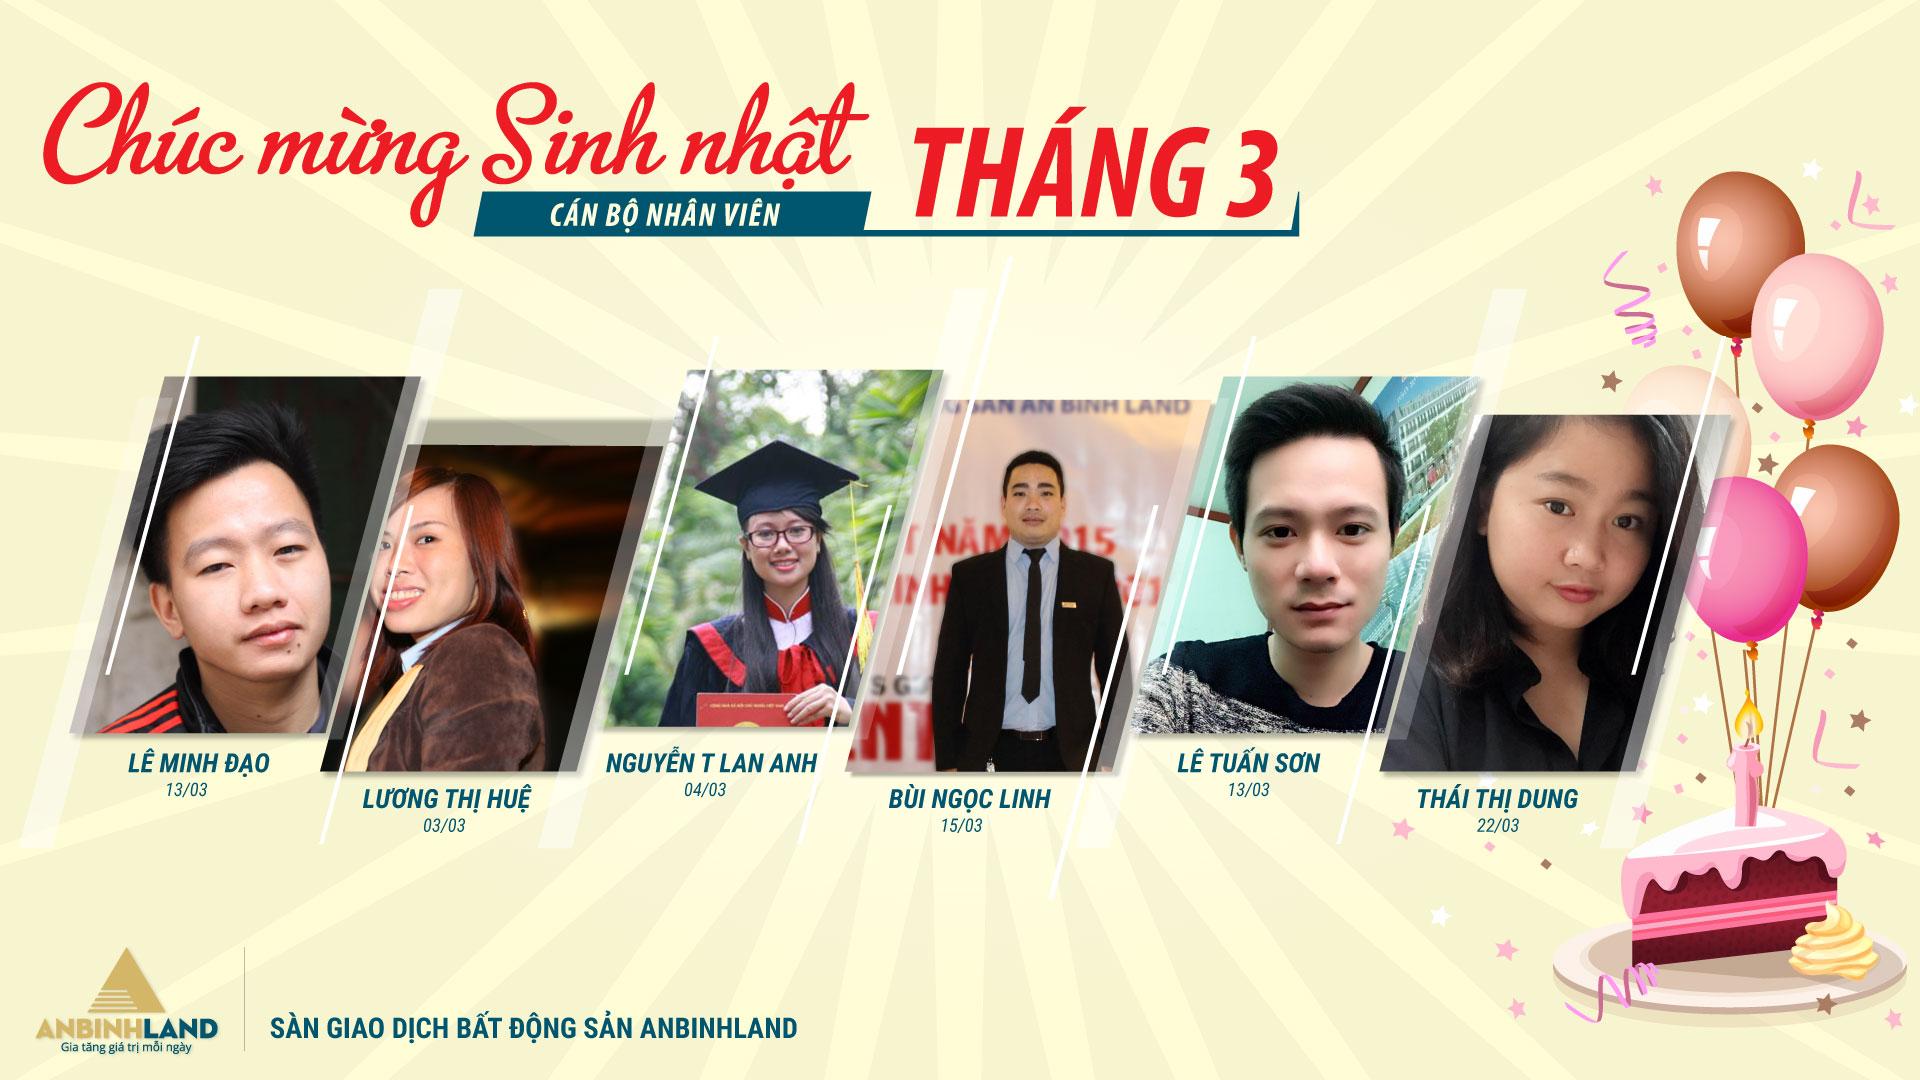 Sinh-nhat-thang-3